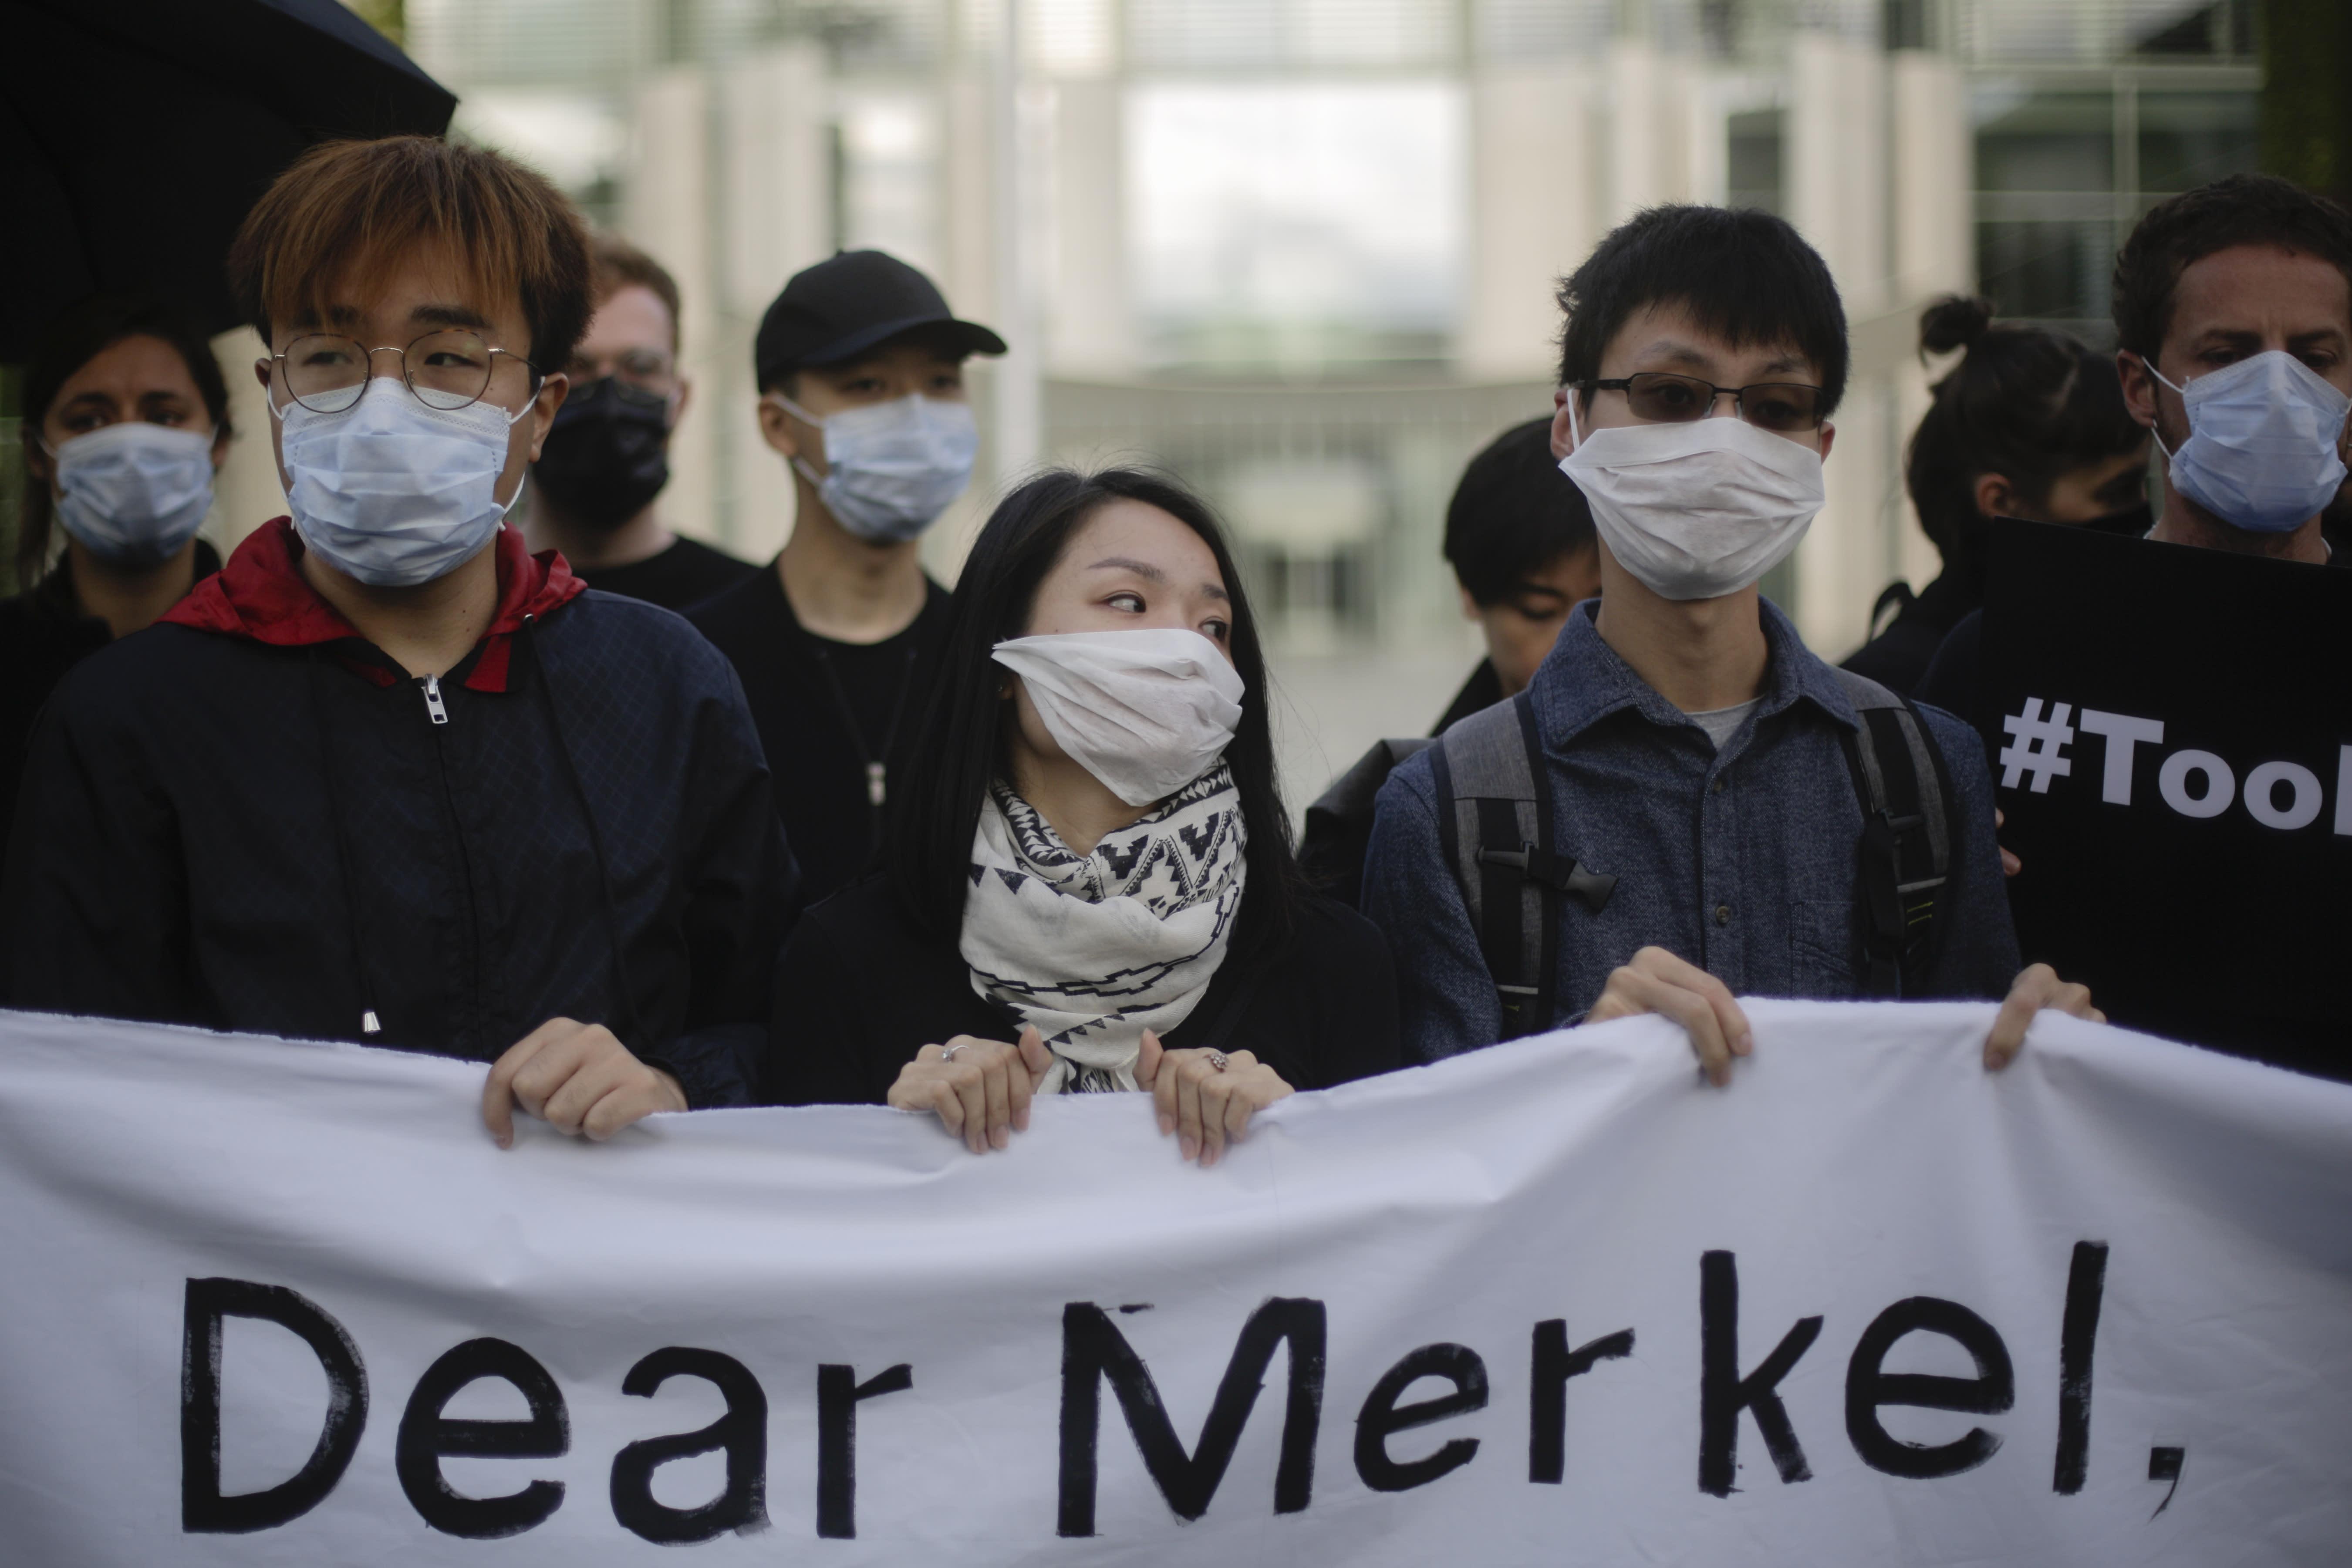 German Chancellor Angela Merkel says Hong Kong freedoms must be 'guaranteed'